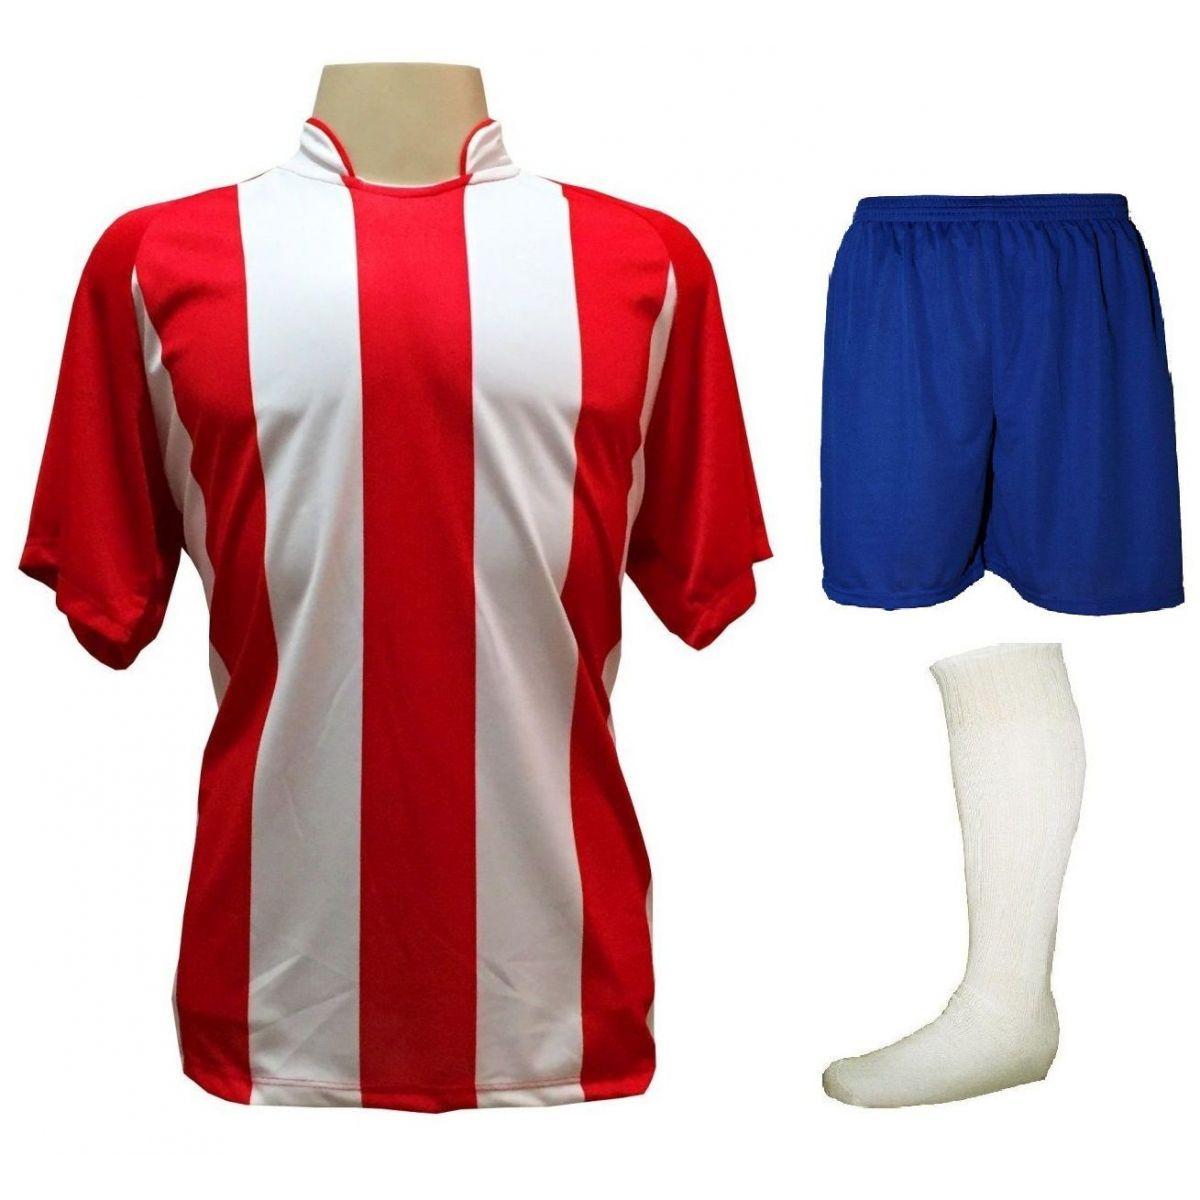 Uniforme Esportivo com 20 camisas modelo Milan Vermelho/Branco + 20 calções modelo Madrid Royal + 20 pares de meiões Branco